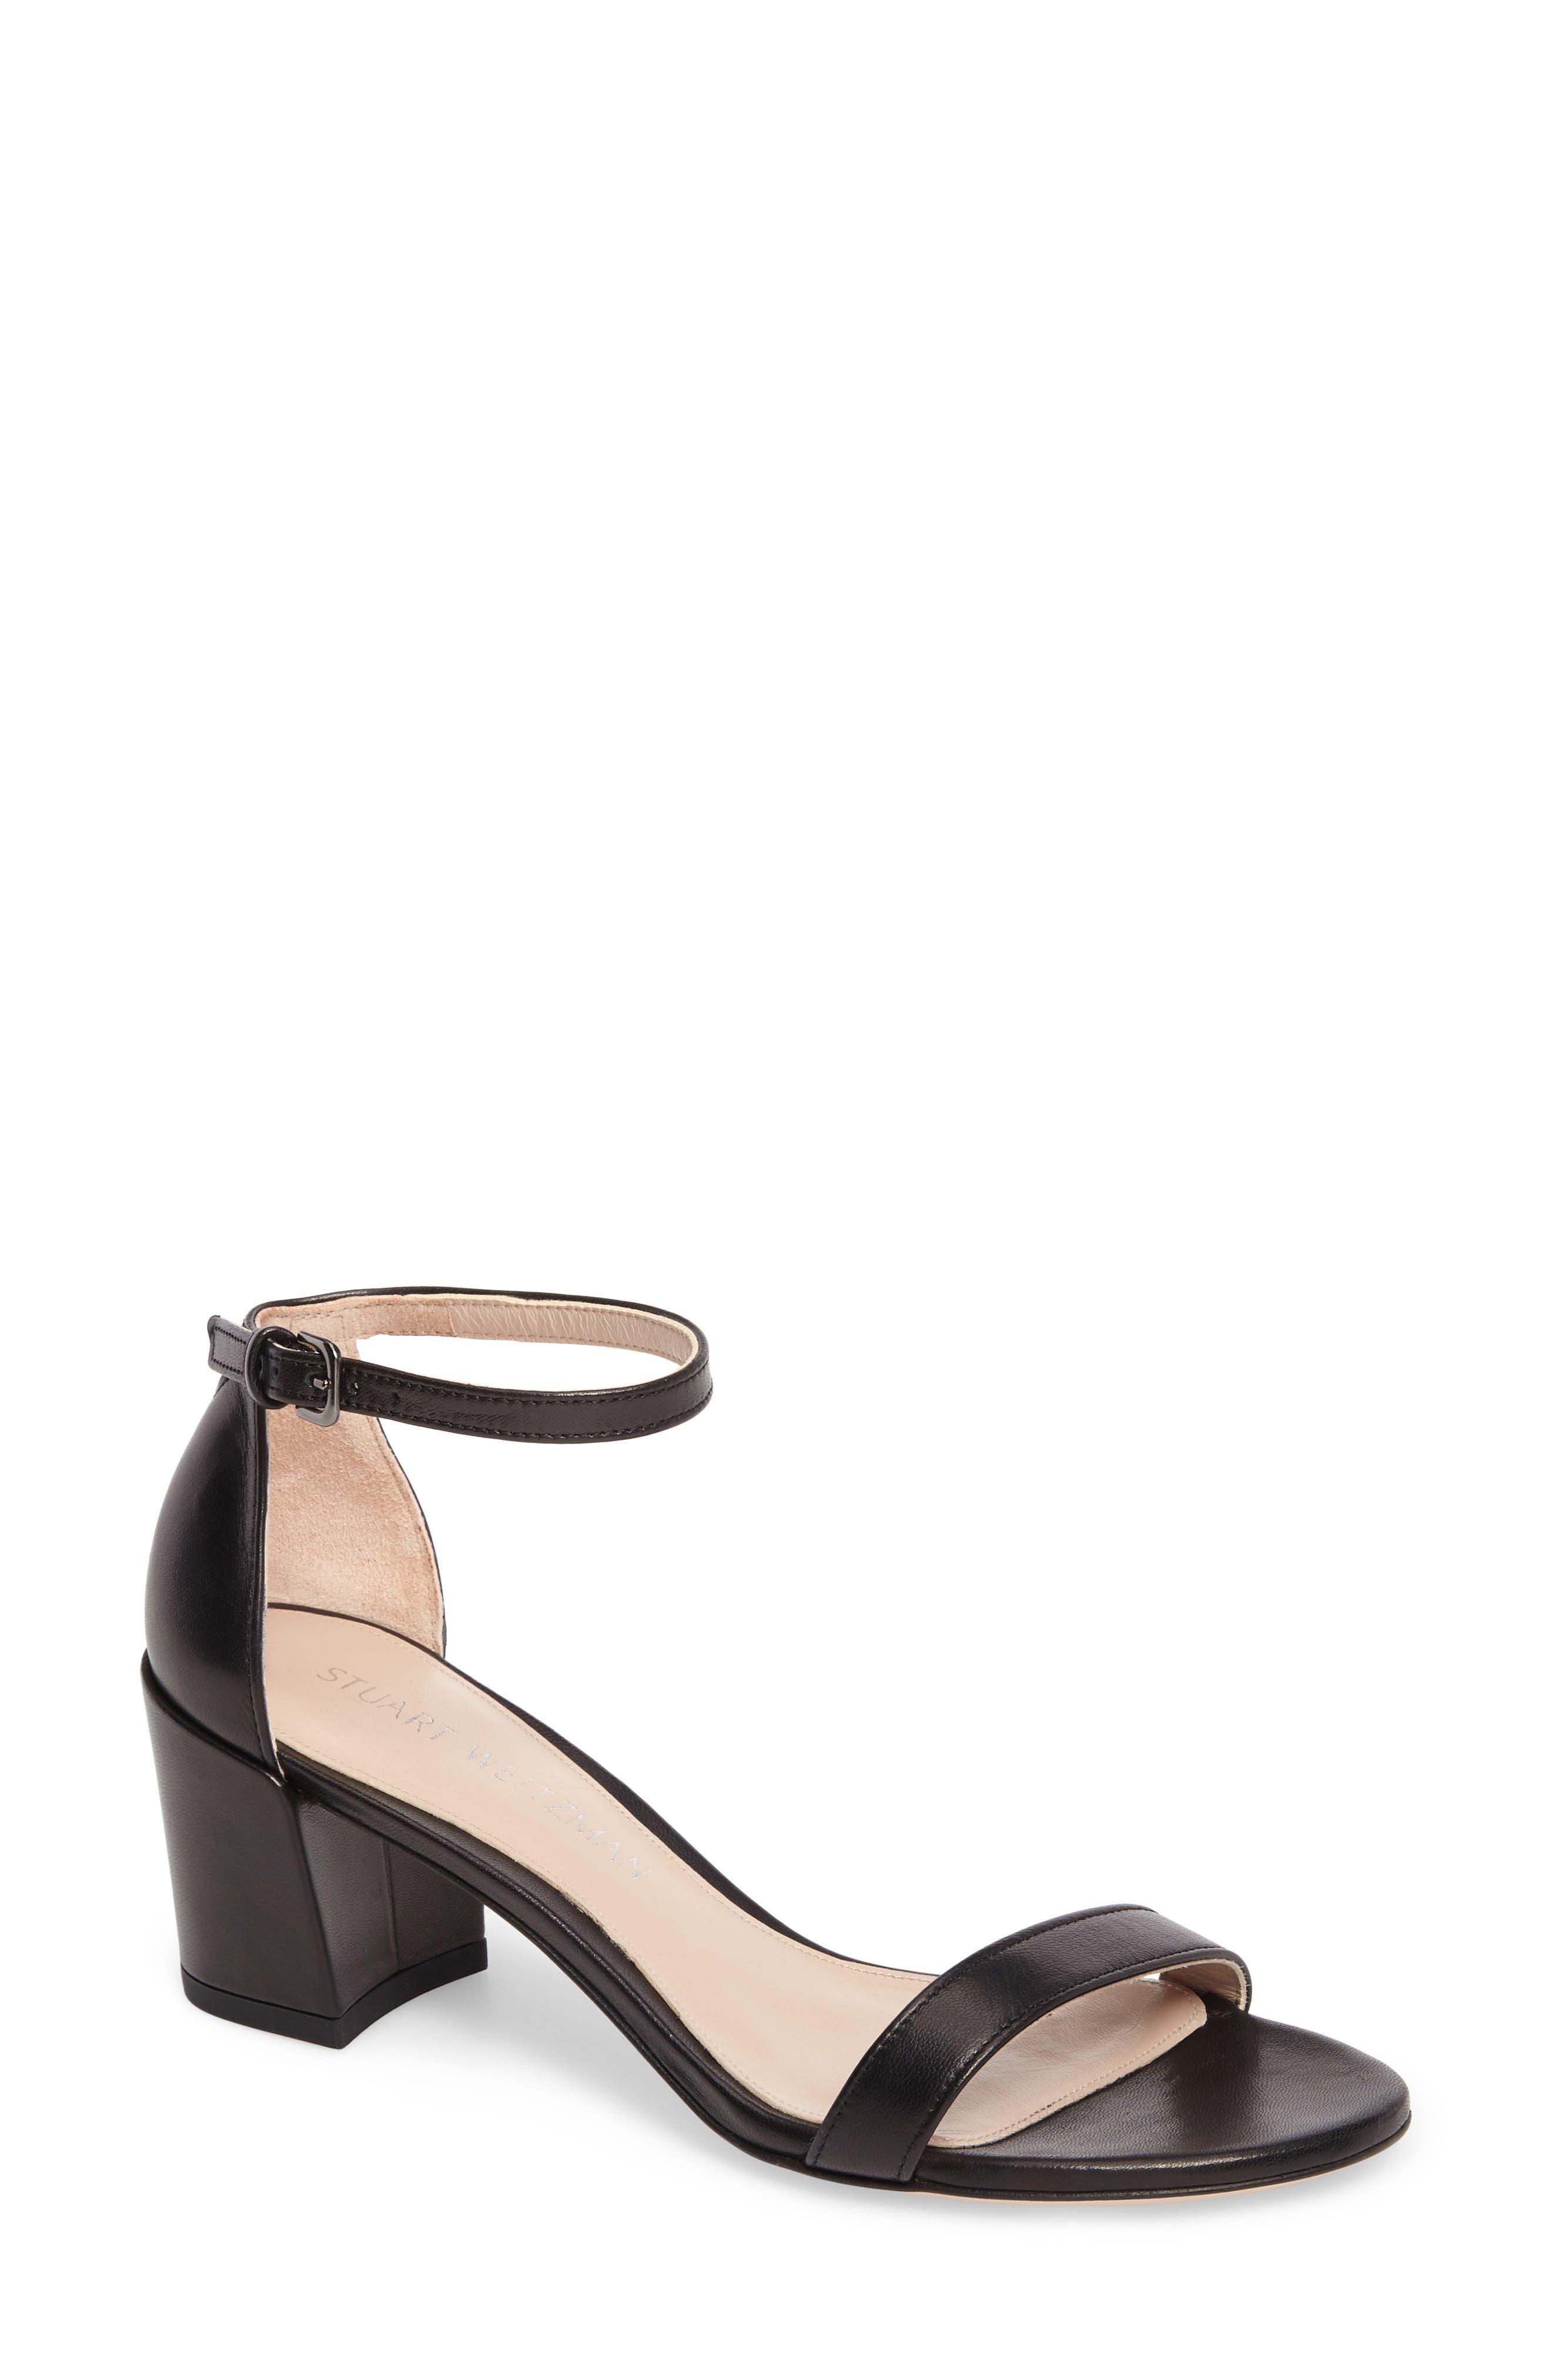 Simple Ankle Strap Sandal,                             Main thumbnail 1, color,                             002